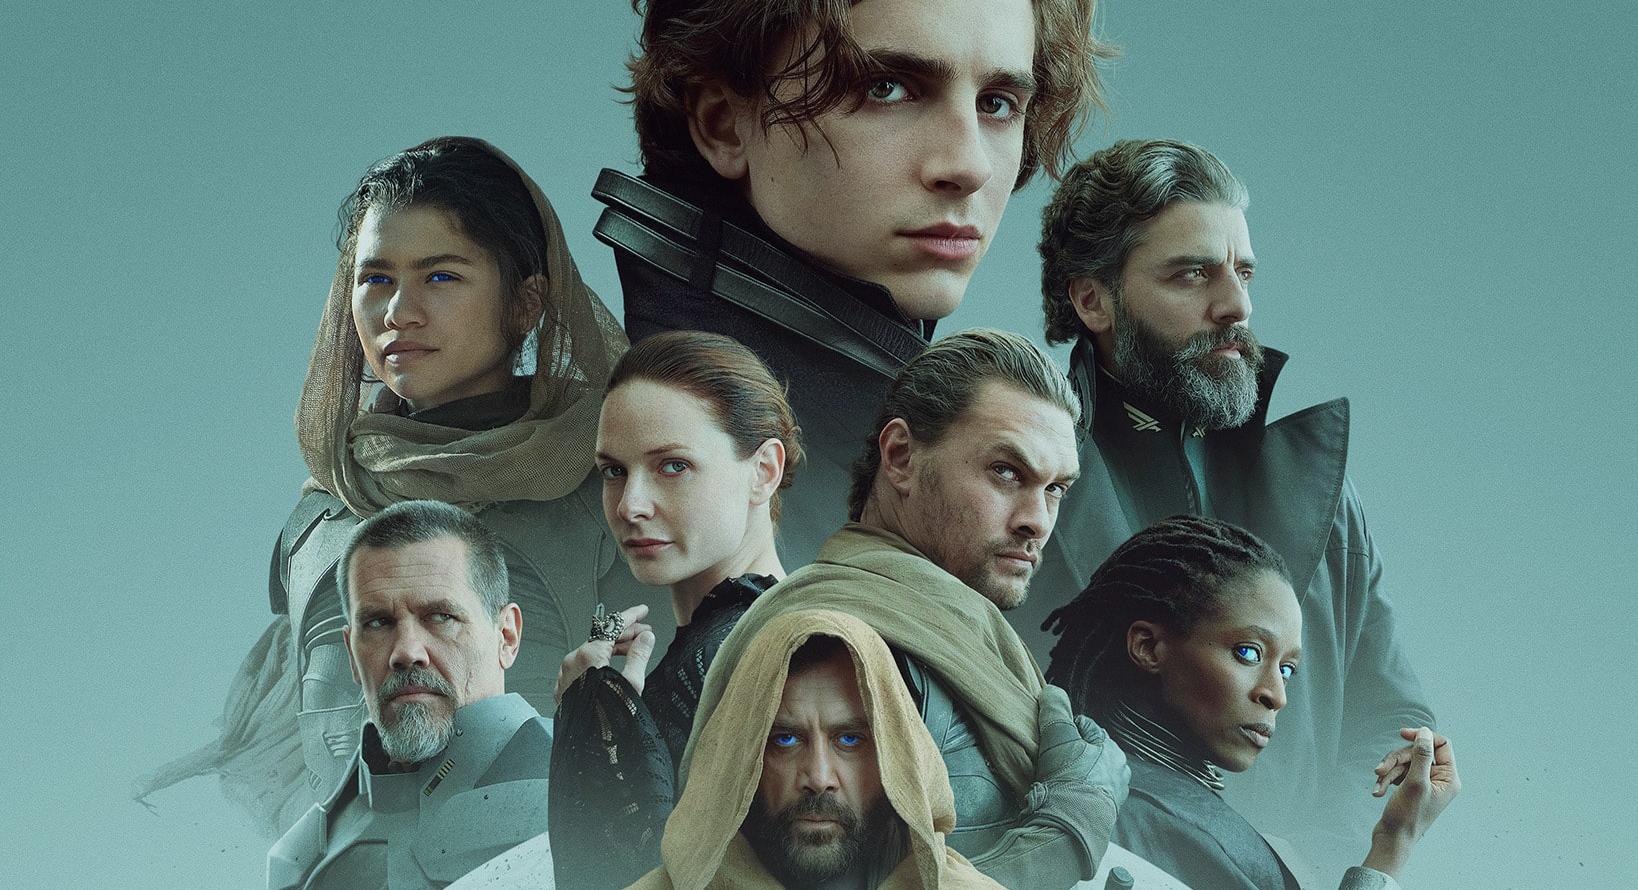 Nouvelle affiche FR pour Dune de Denis Villeneuve - Fucking Cinephiles - Le  meilleur du cinéma par les plus BadAss des cinéphiles !